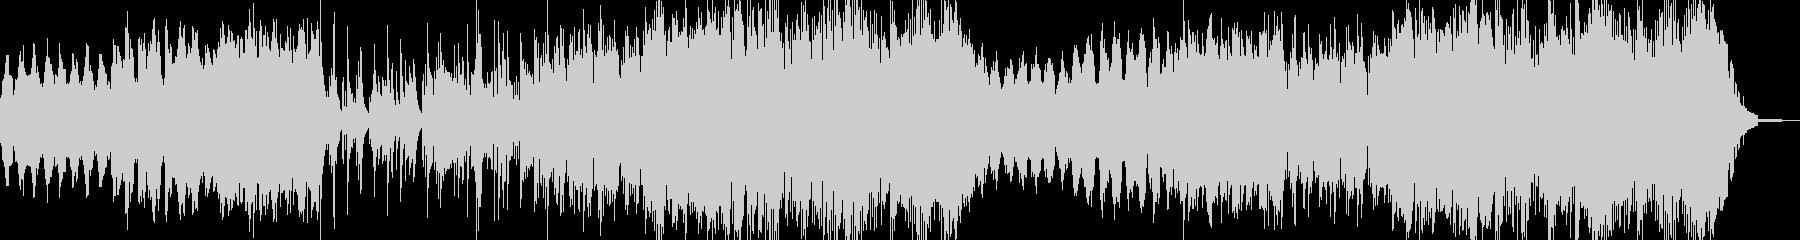 ハープとピアノ、管楽器のハーモニーの未再生の波形